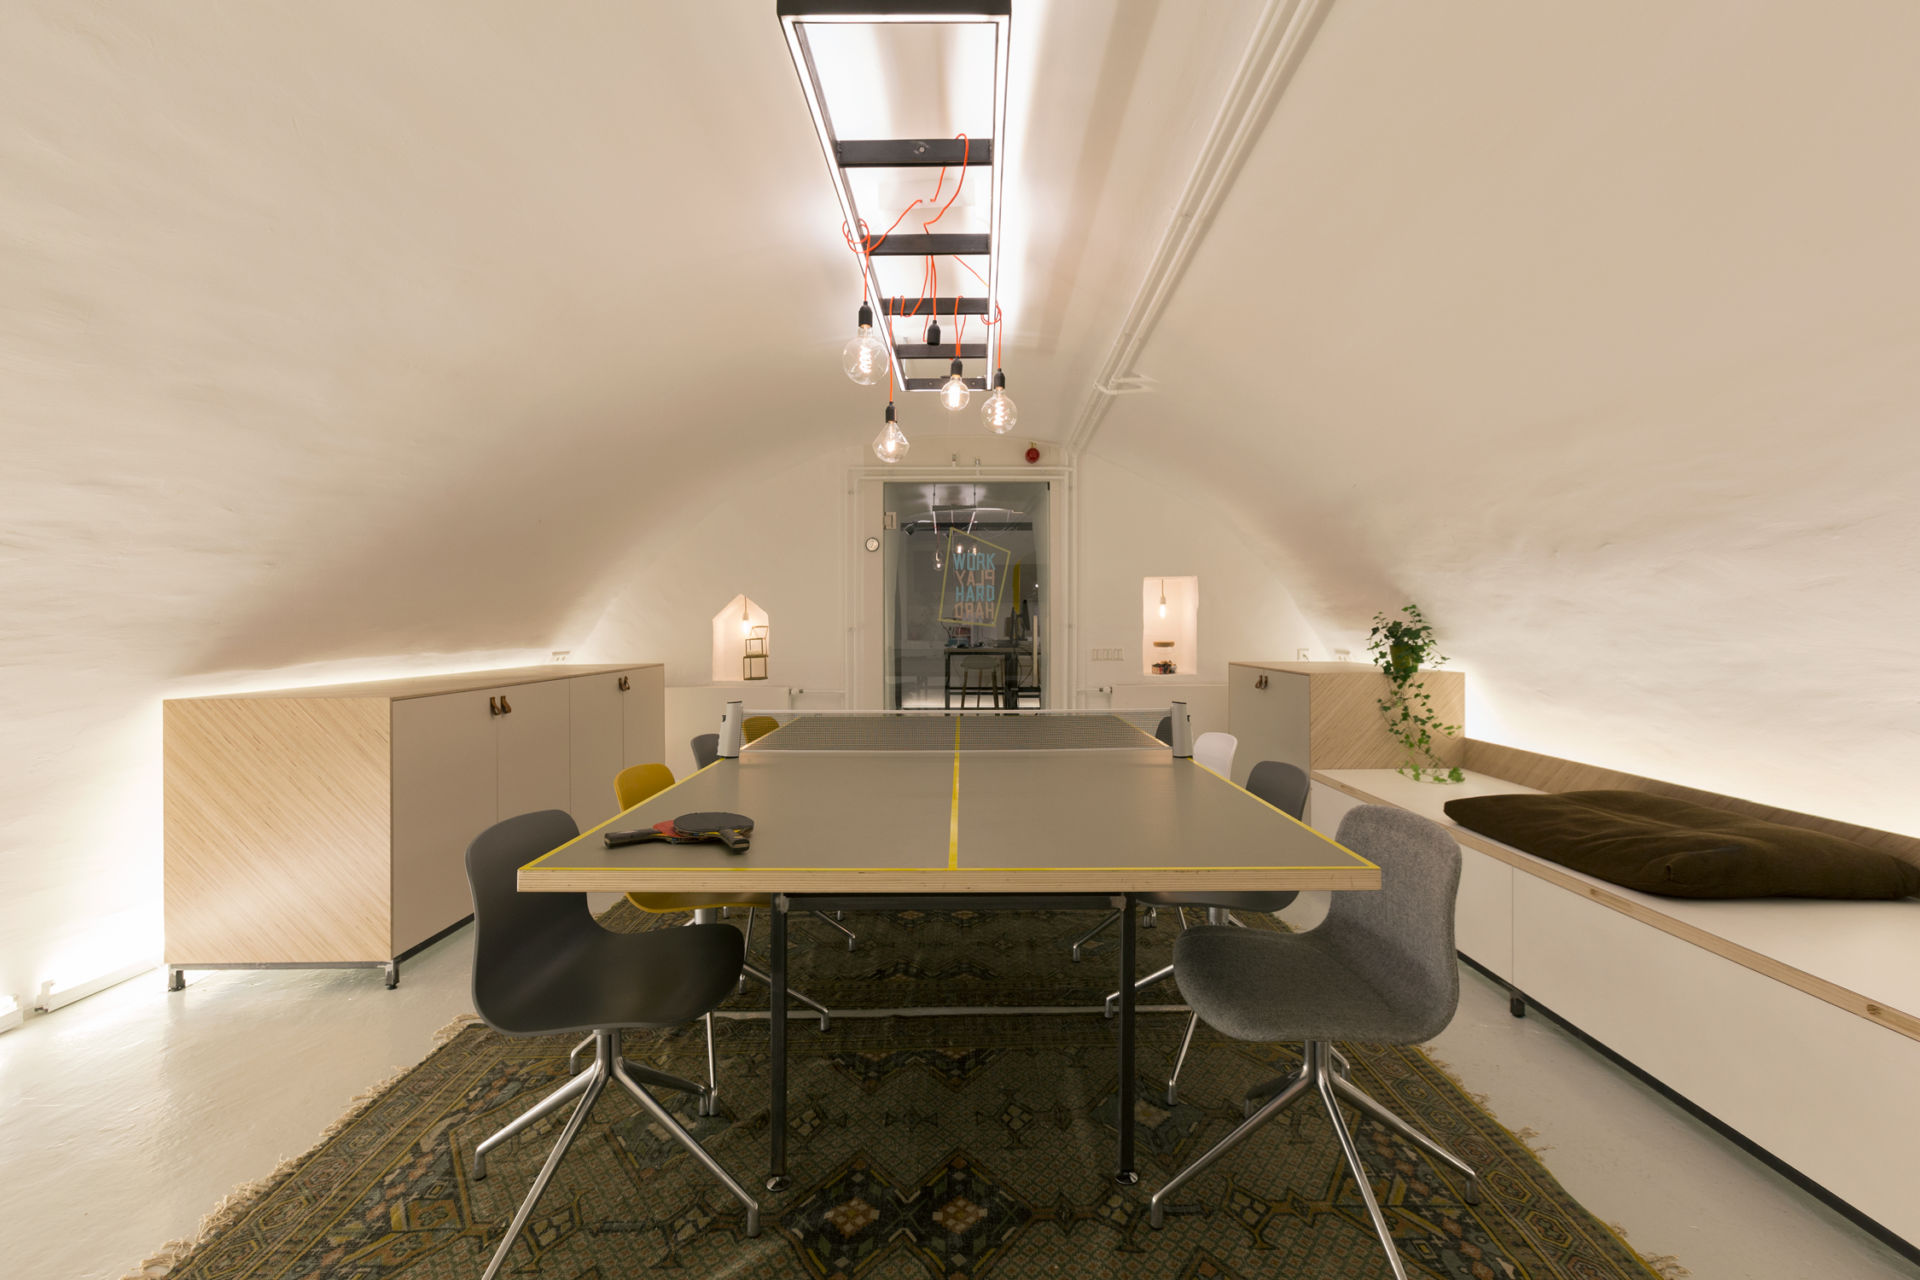 Overzicht van de creatieve ruimte in een kantoor. Spelen en werken.